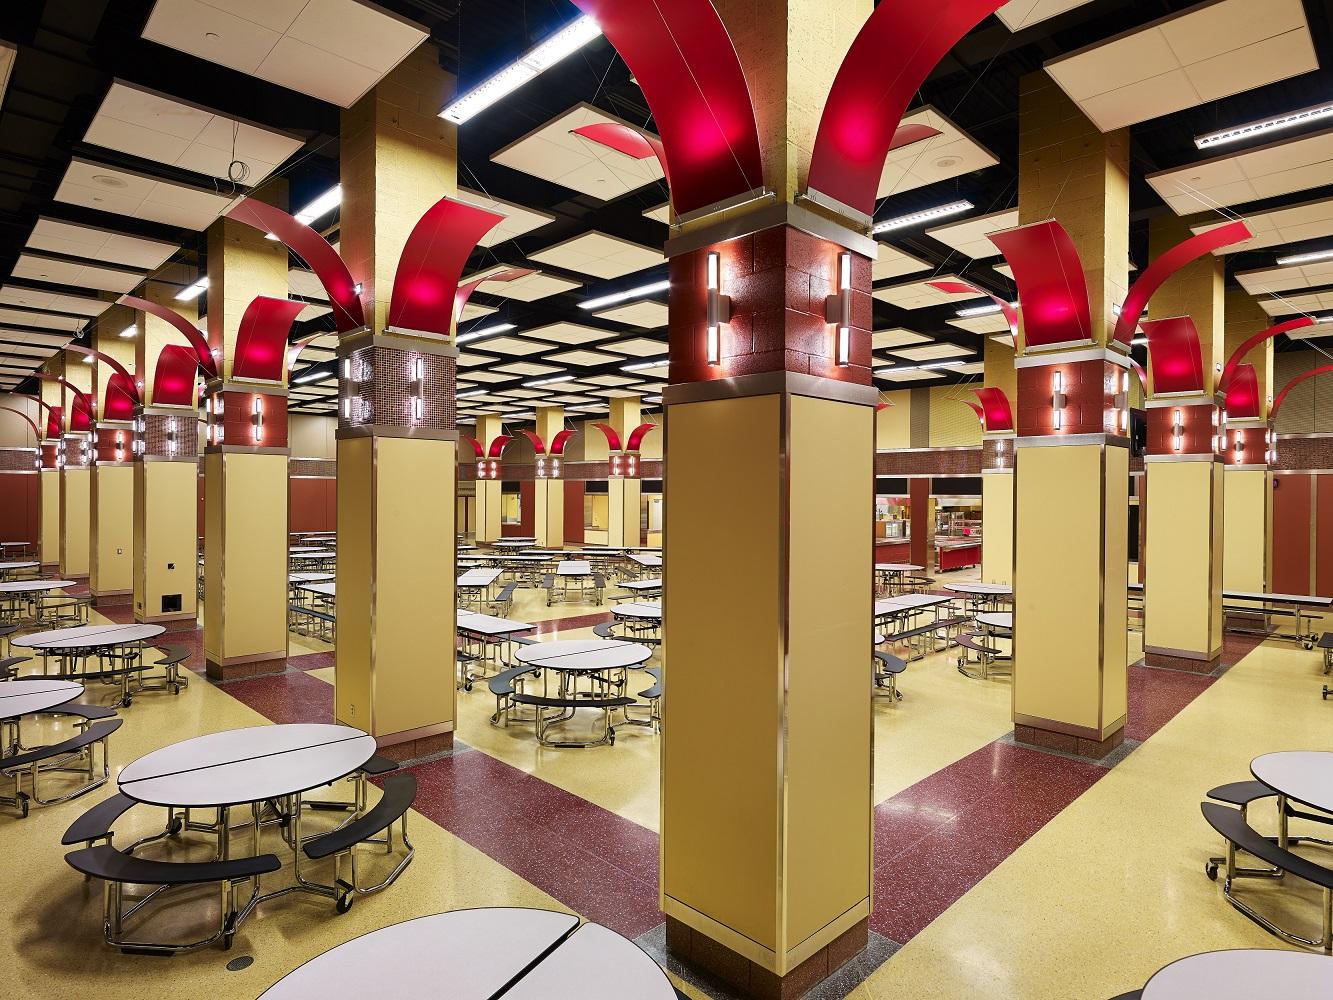 Interior-37.jpg